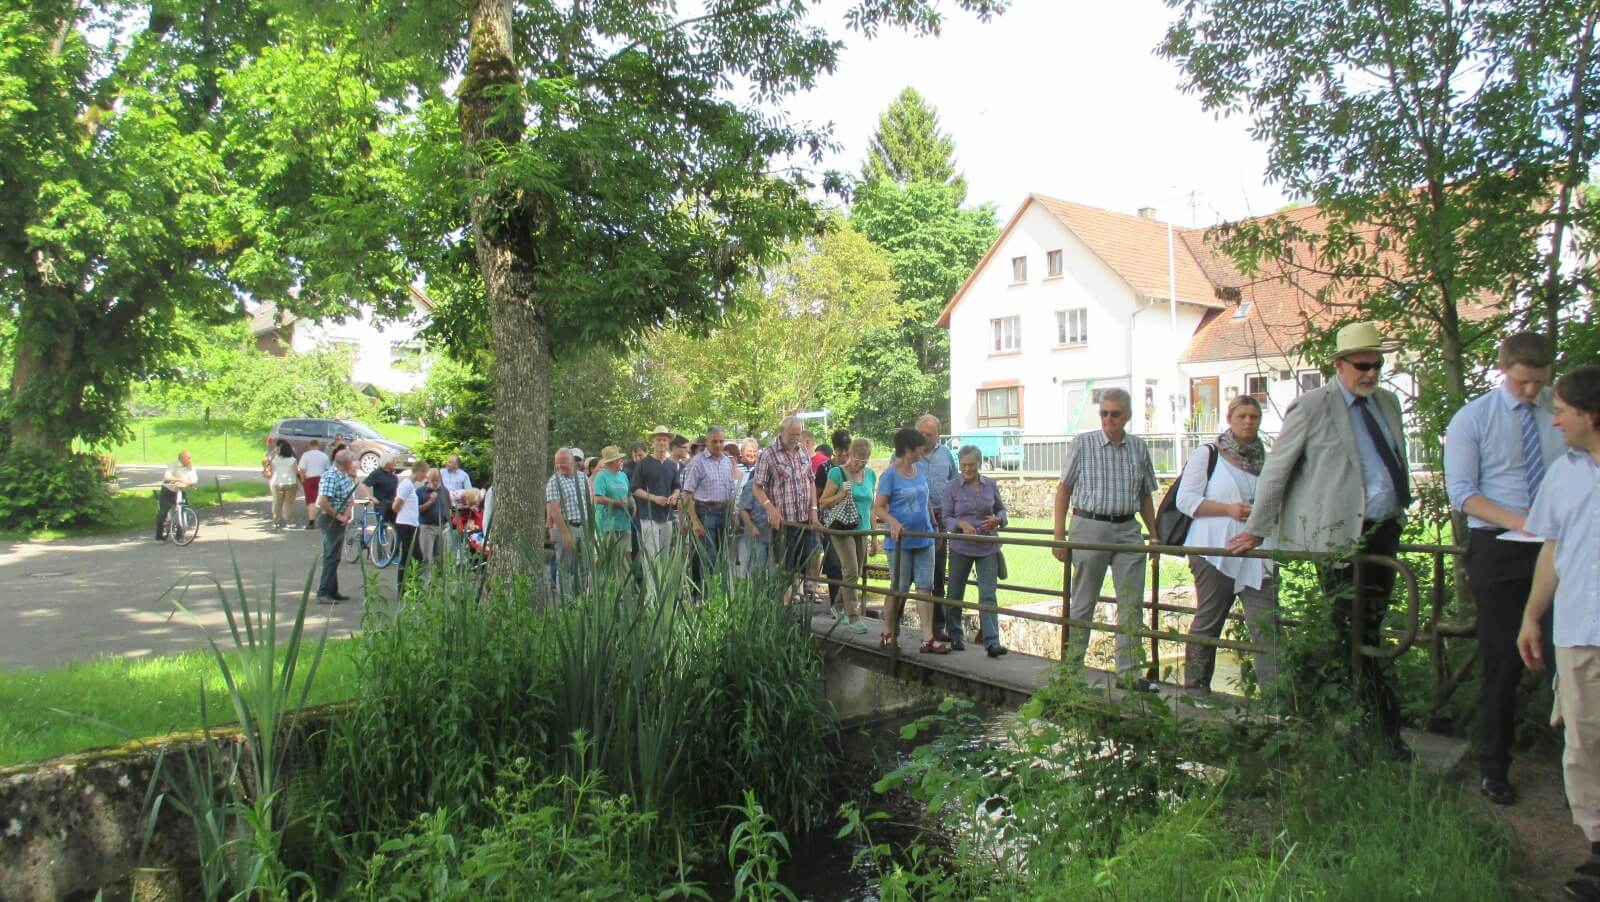 Bild vom Dorfspaziergang in Winzeln